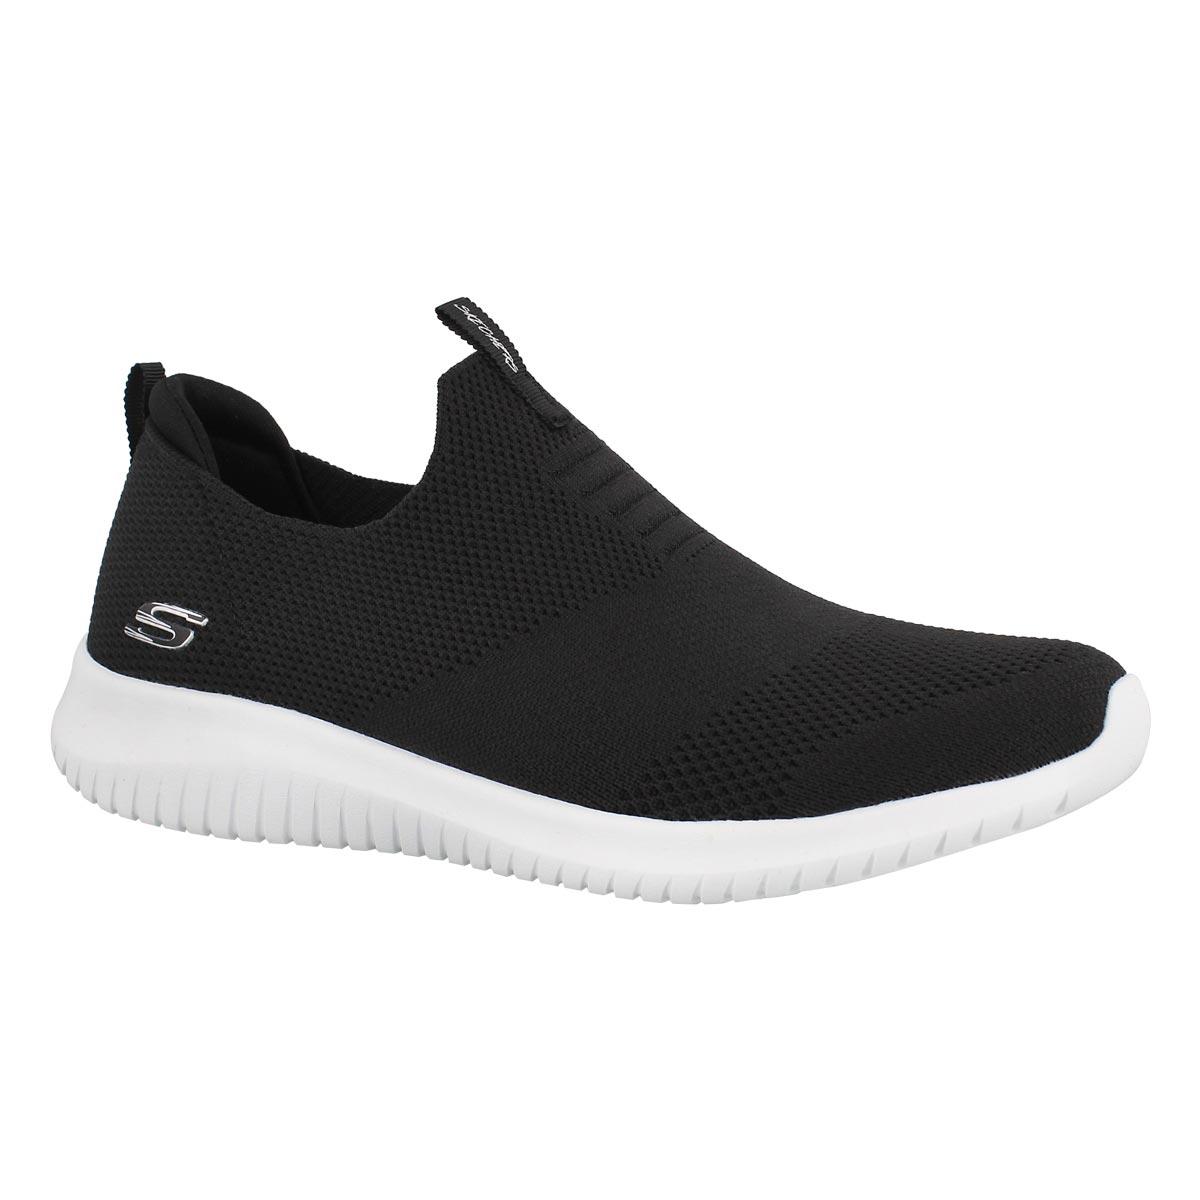 Women's ULTRA FLEX black/white slip on sneakers